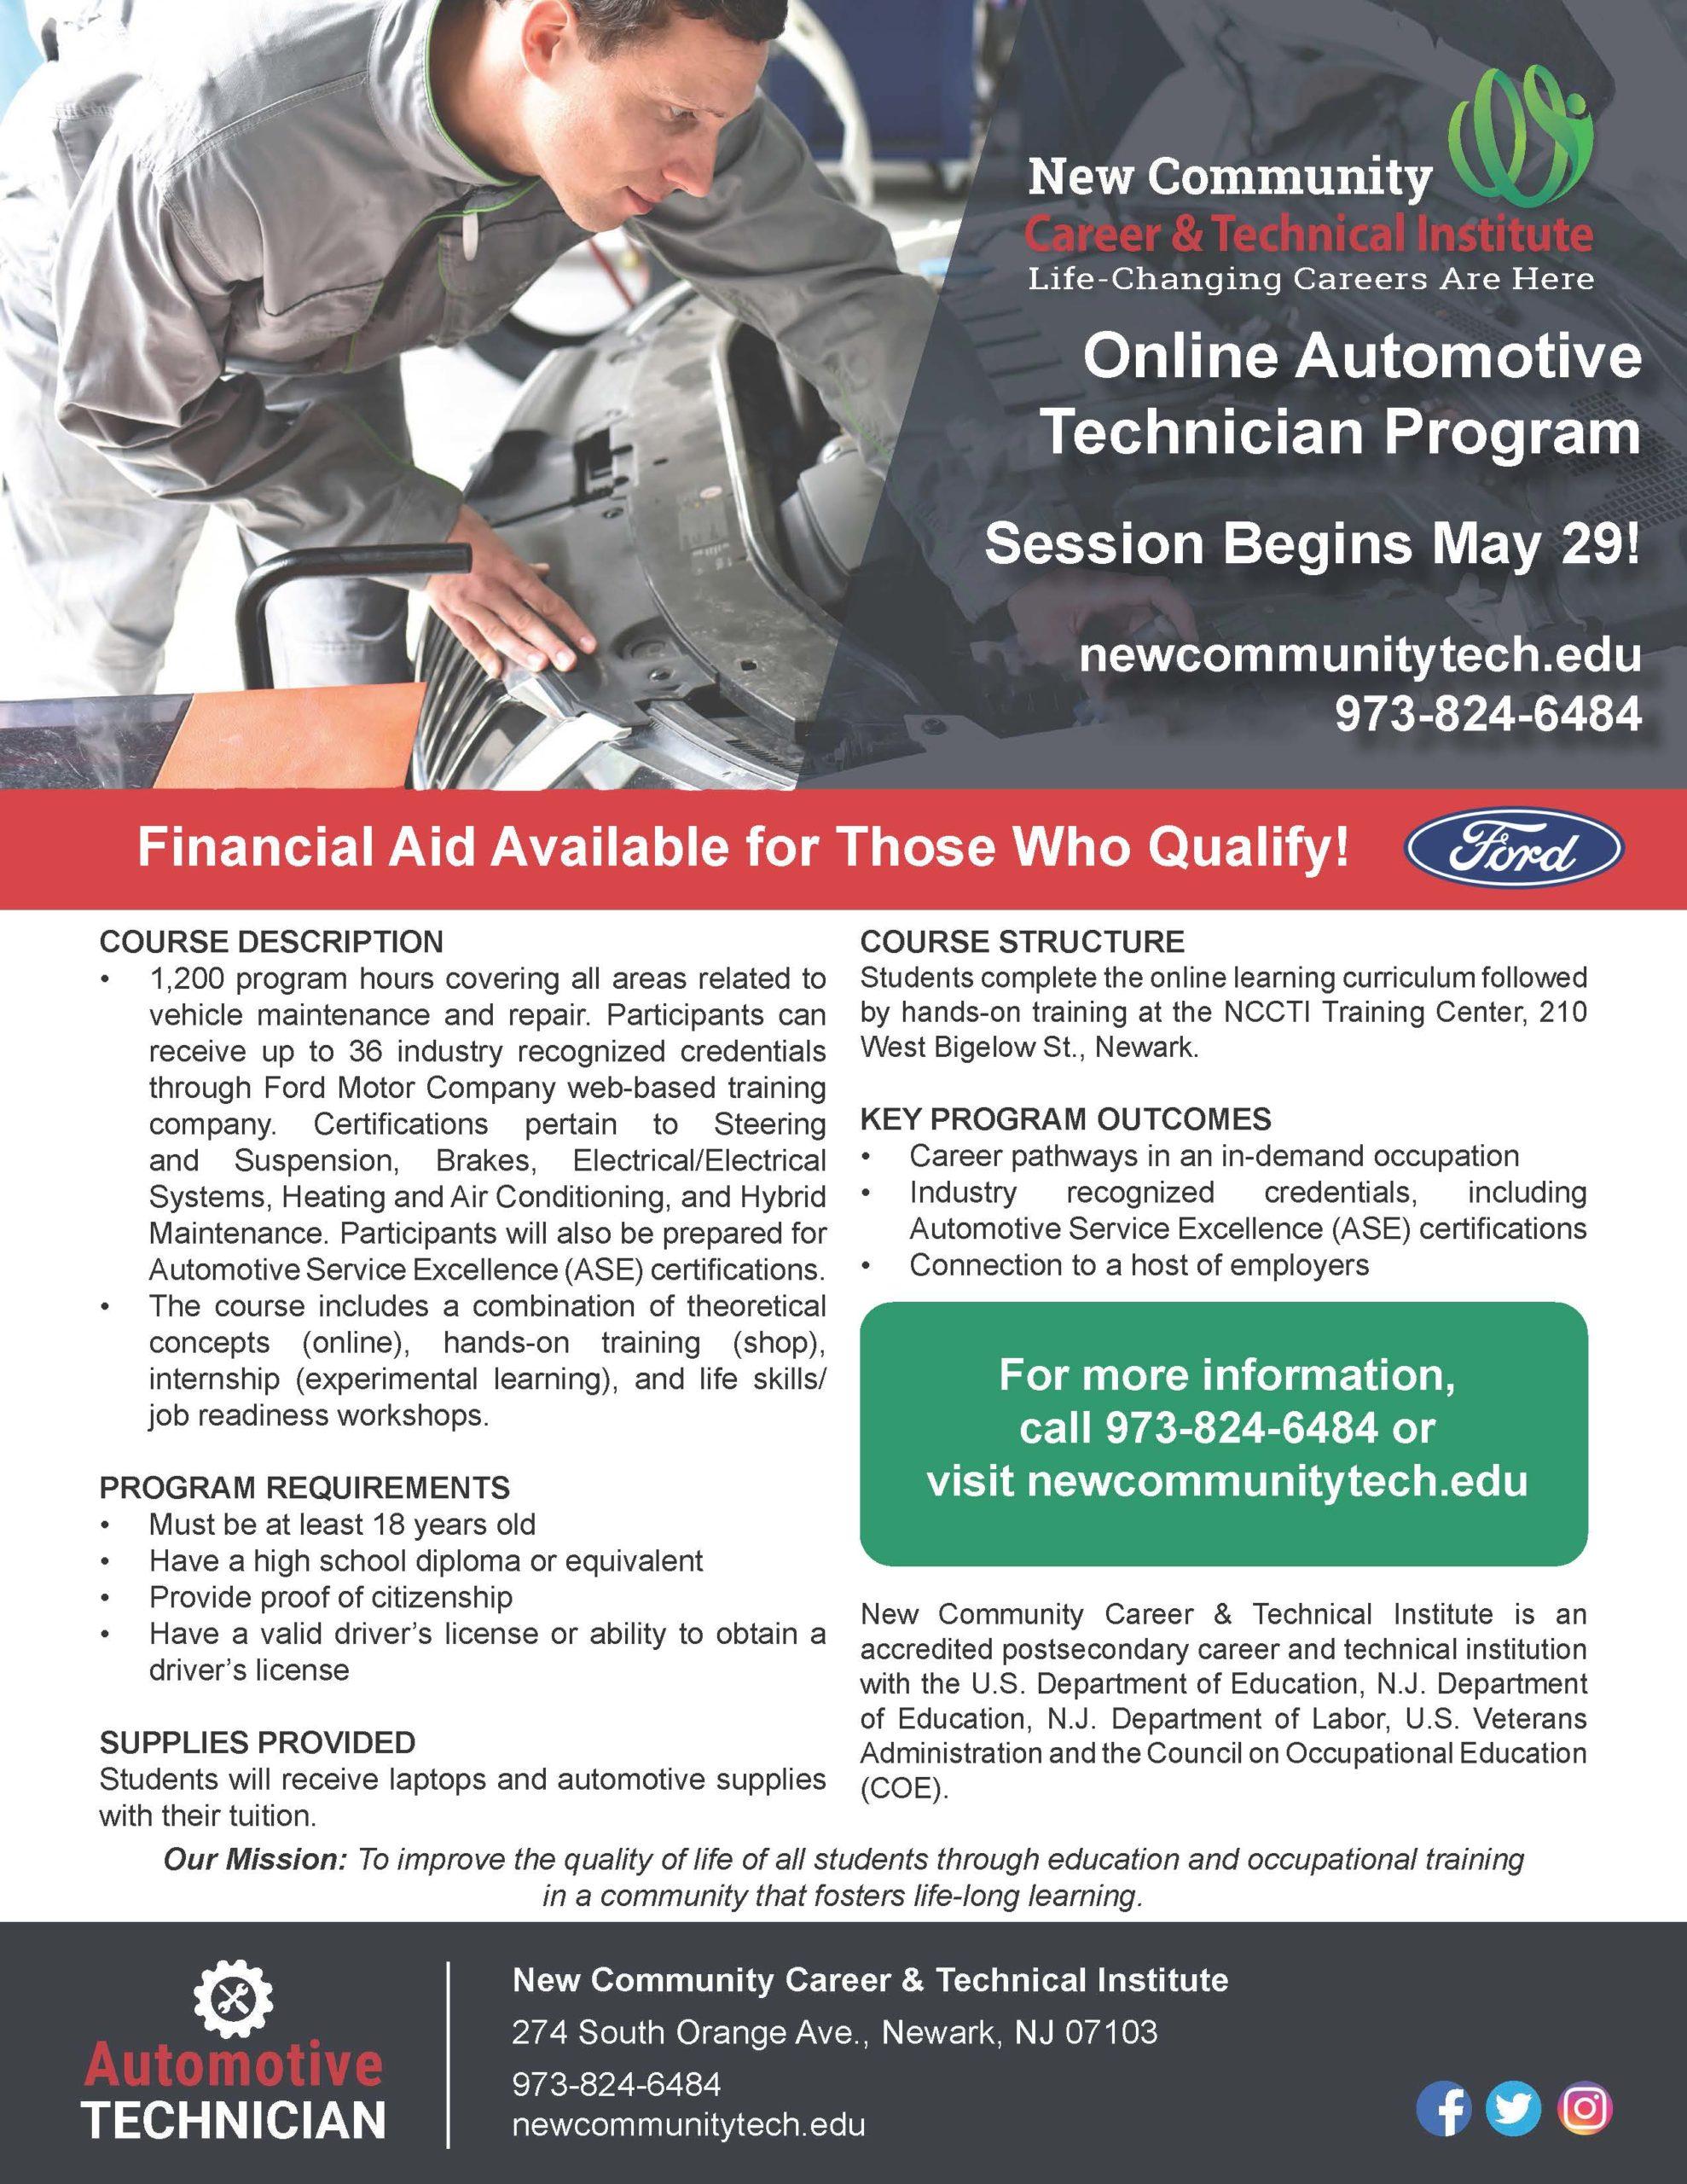 Online Automotive Program Flyer 4-30-2020